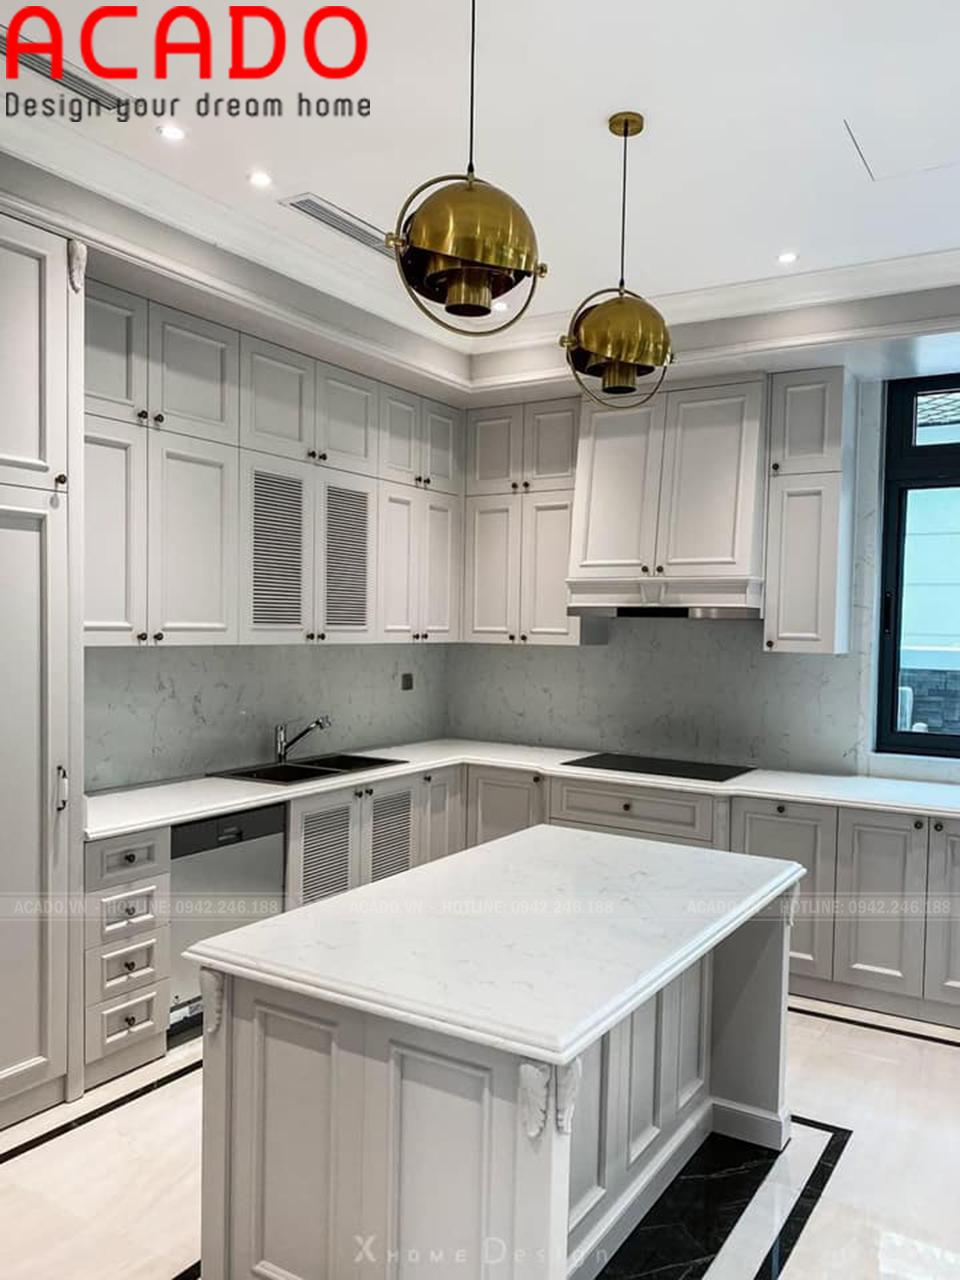 Tủ bếp sơn bệt trắng hiện đại, gây ấn tượng đối với người nhìn